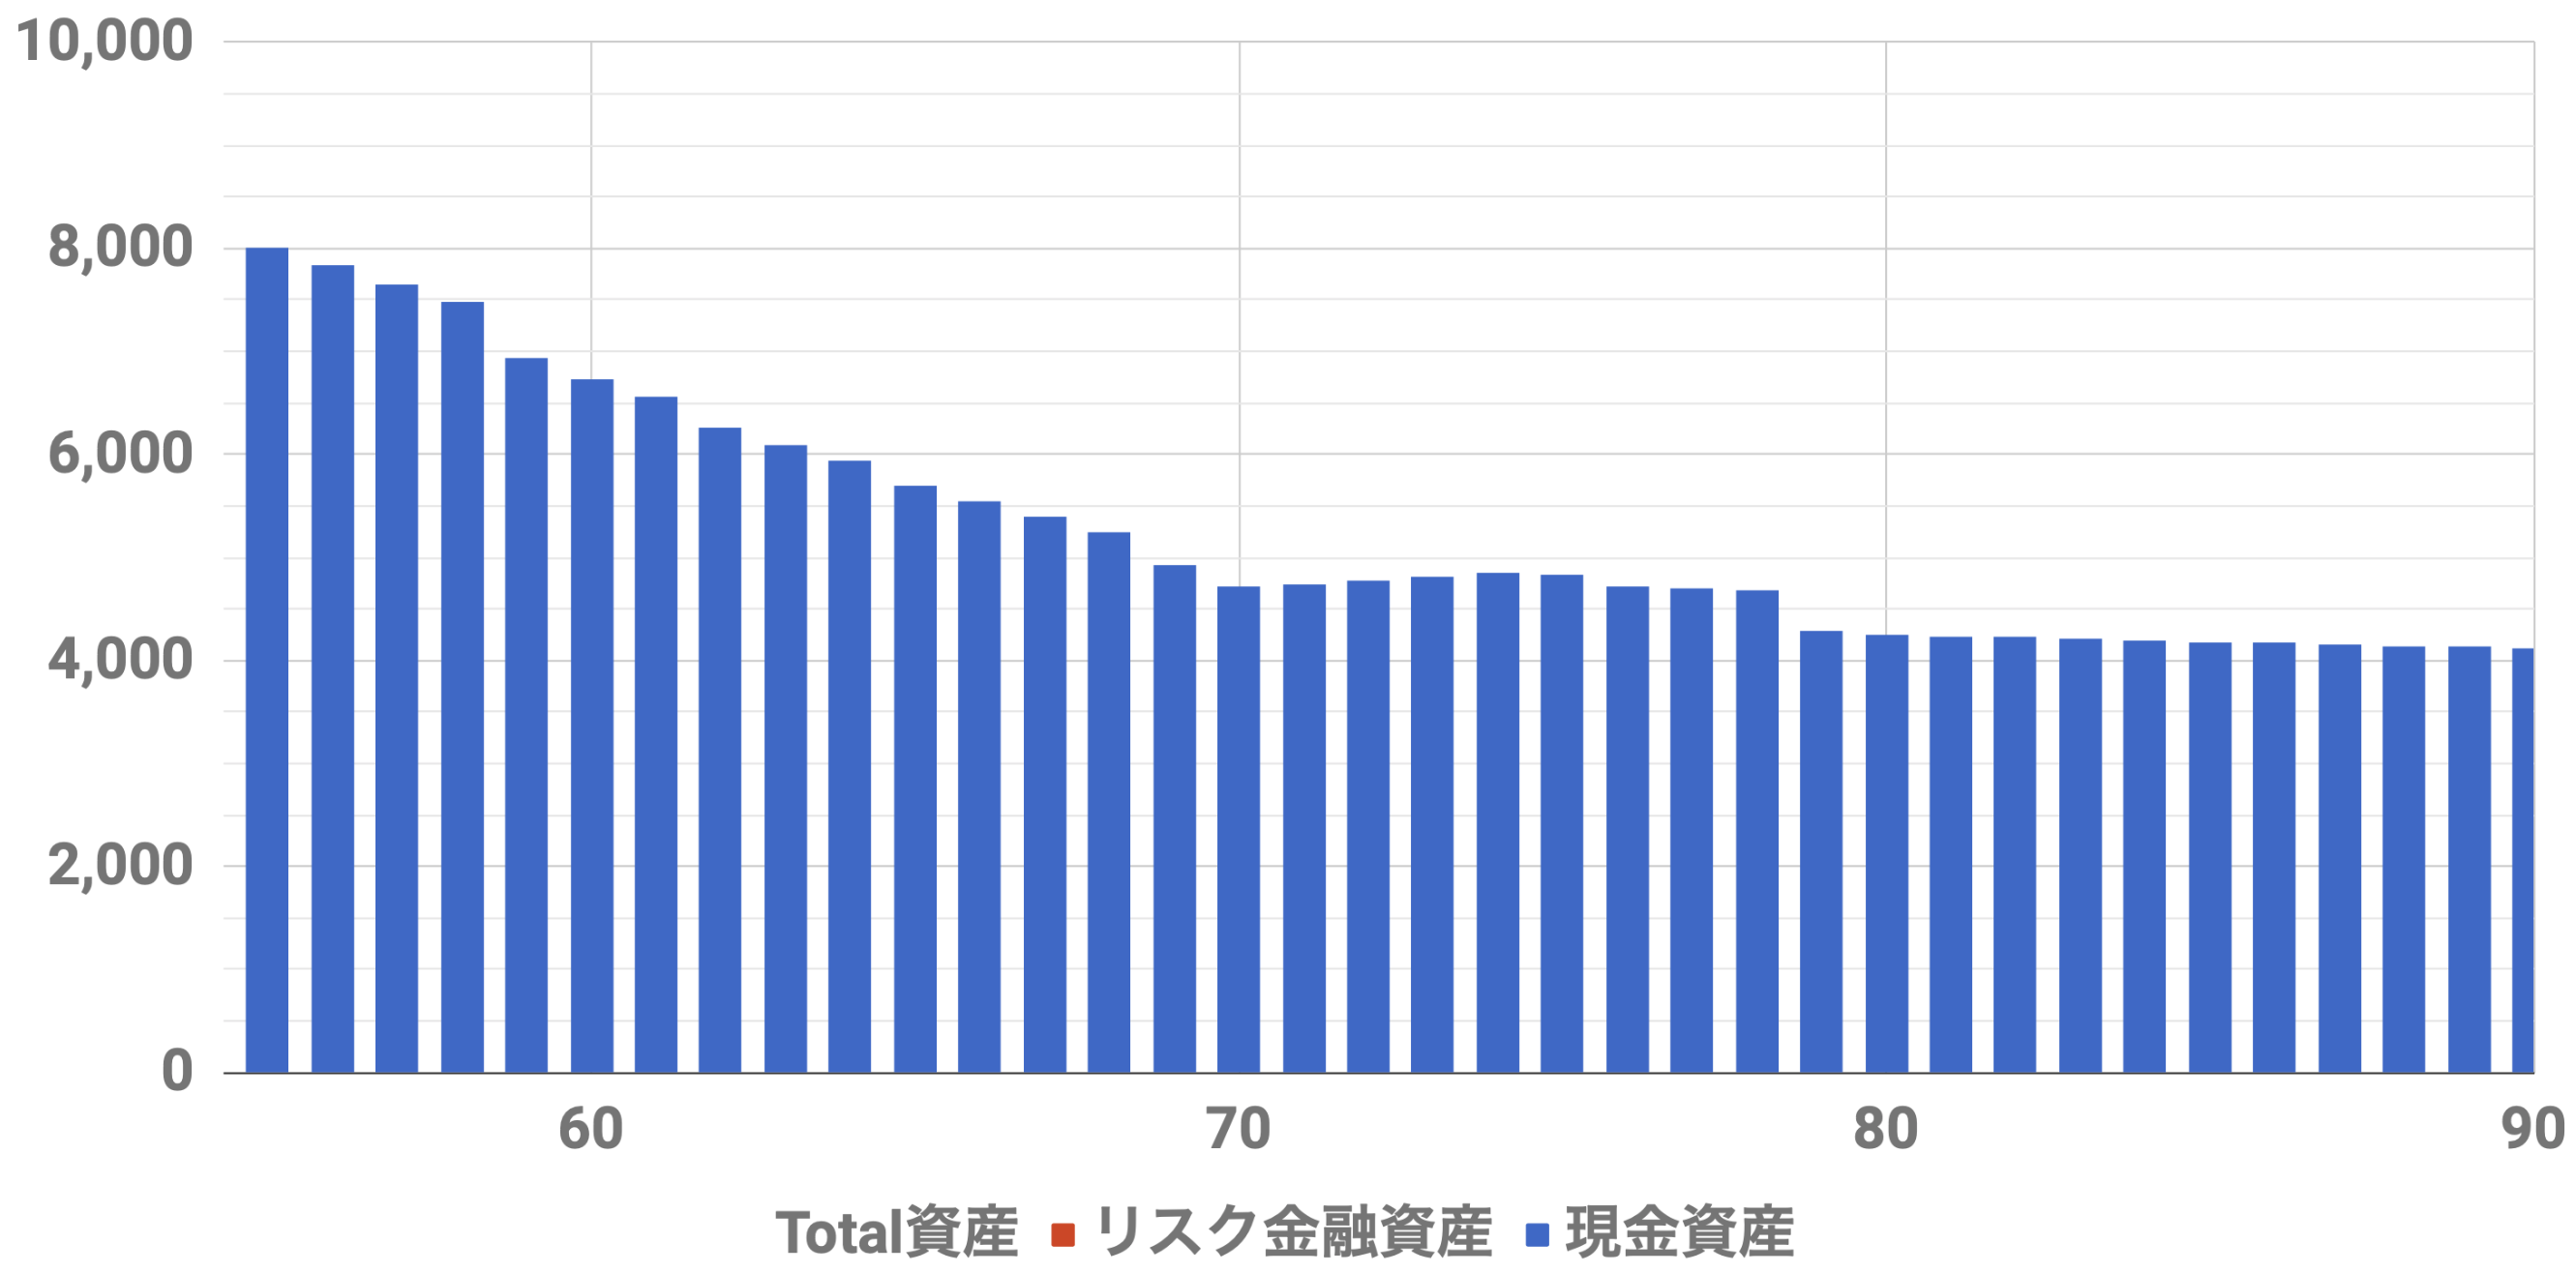 55歳8000万資産シミュレーション(Level3)